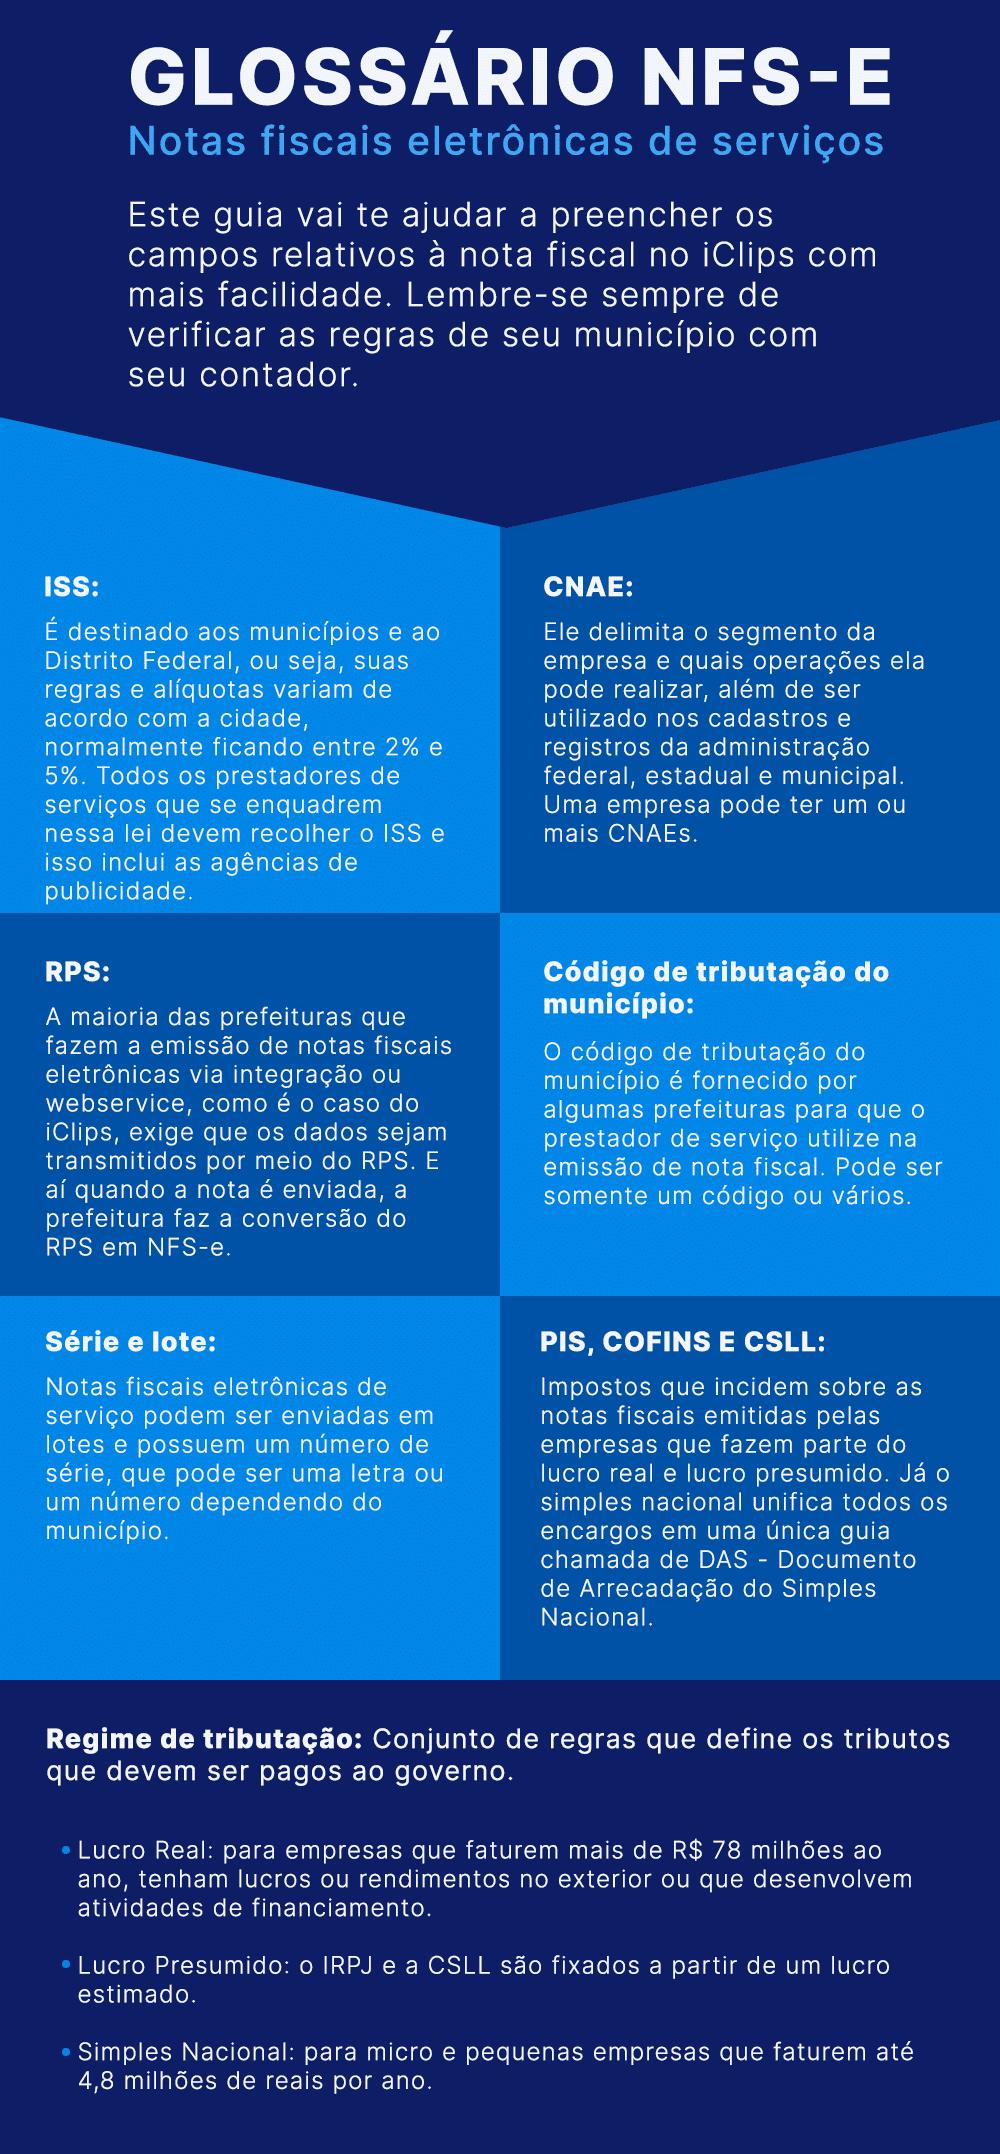 infográfico sobre termos da NFS-E